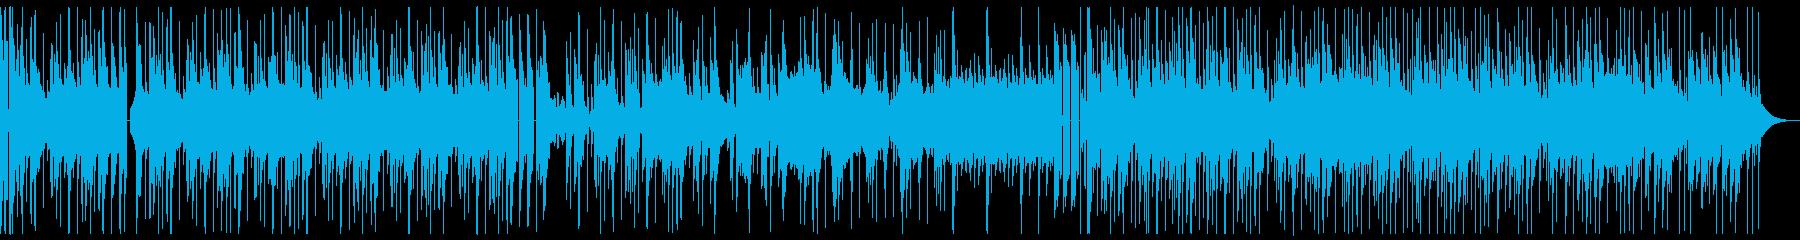 ピアノ_HipHopの再生済みの波形